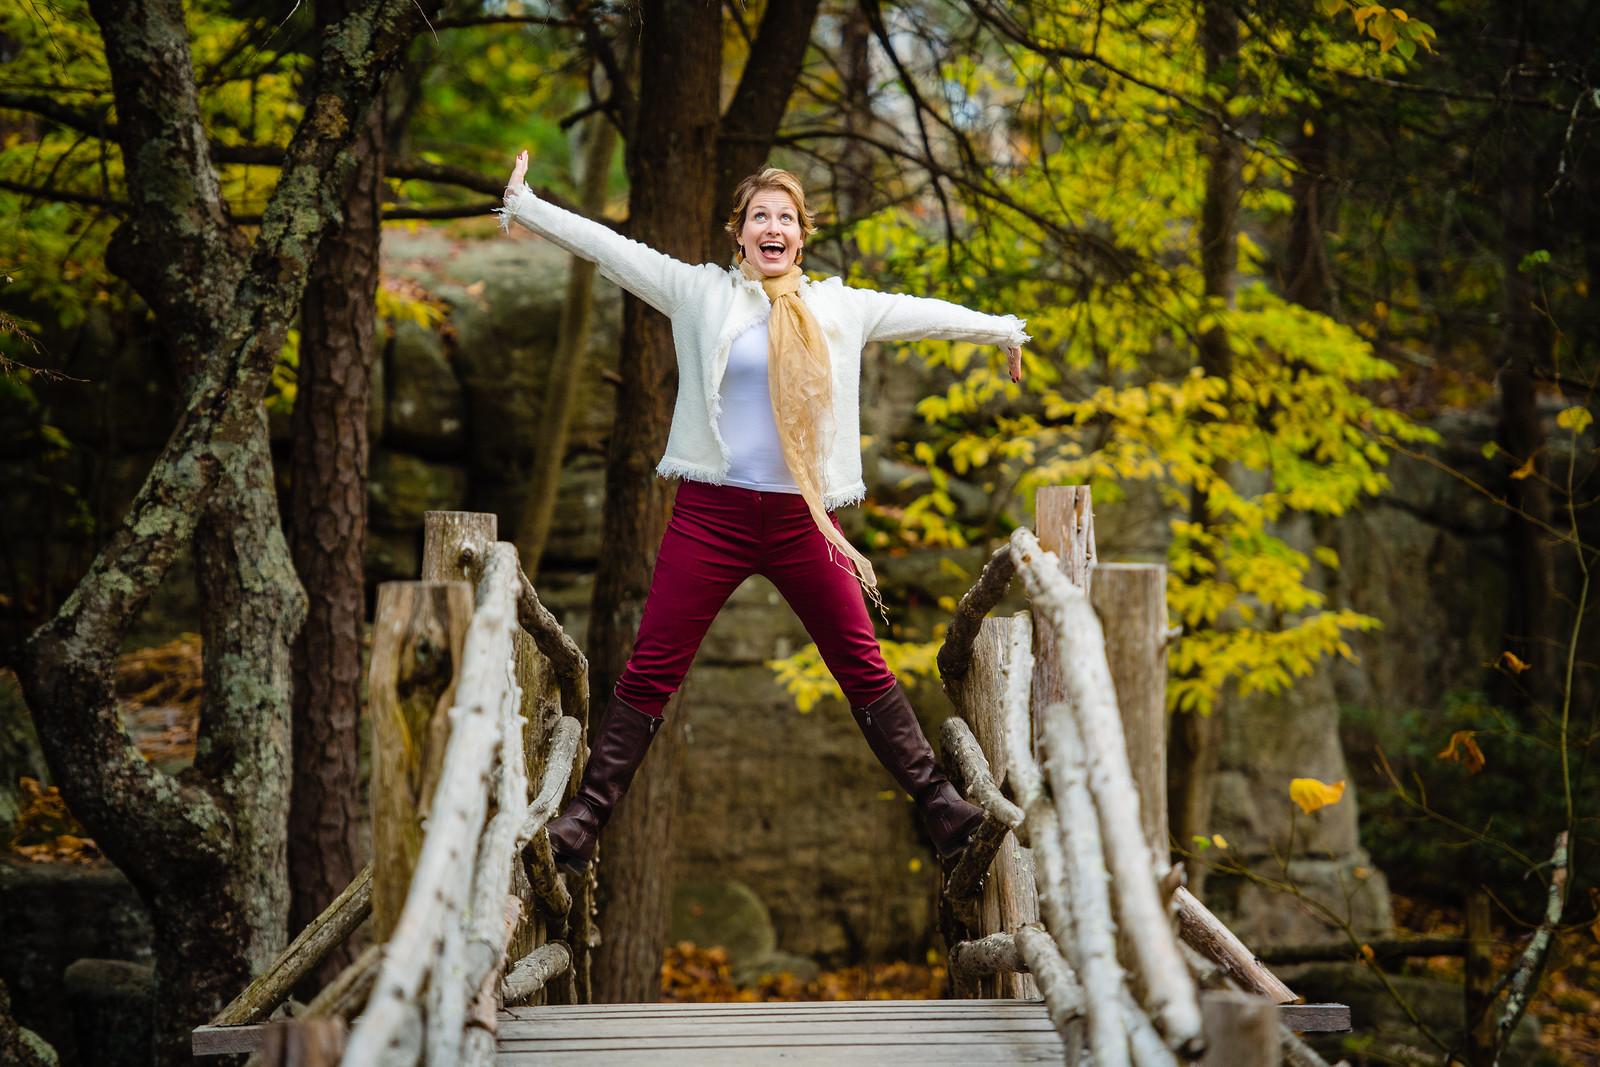 Merritt standing on bridge railings